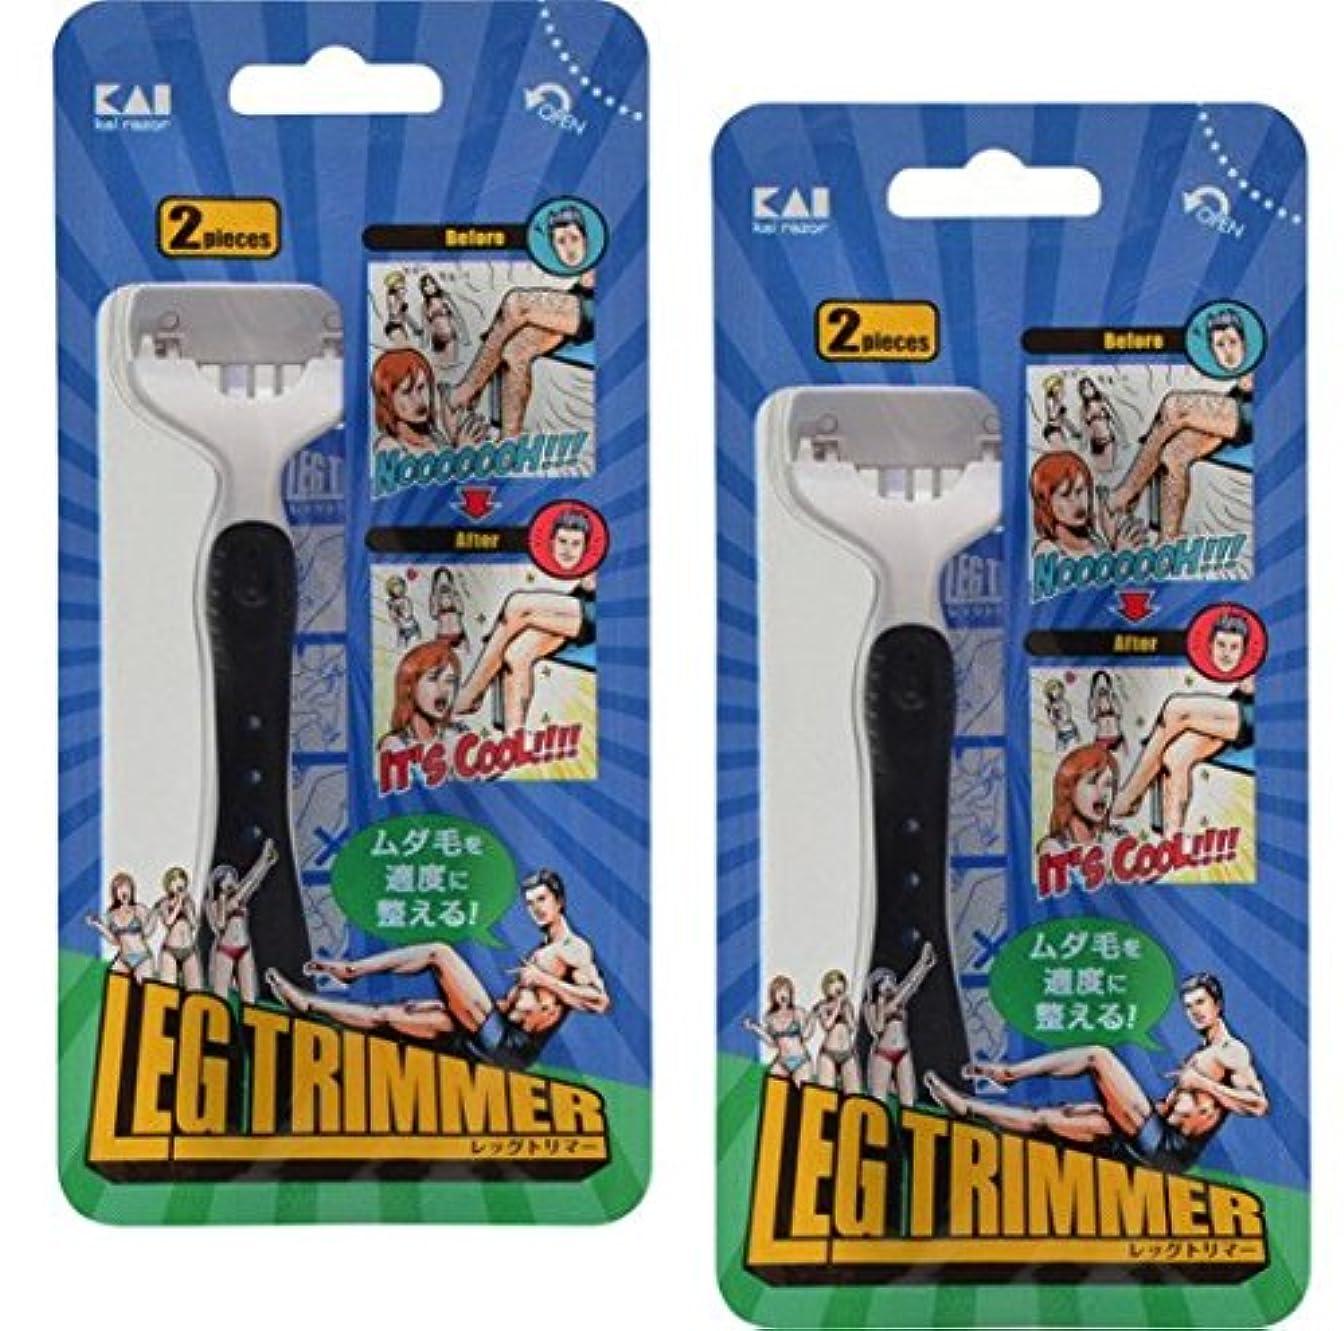 シャット出くわすスペクトラムLEG TRIMMER レッグトリマー (むだ毛を適度に整えるカミソリ)2本入 2セット